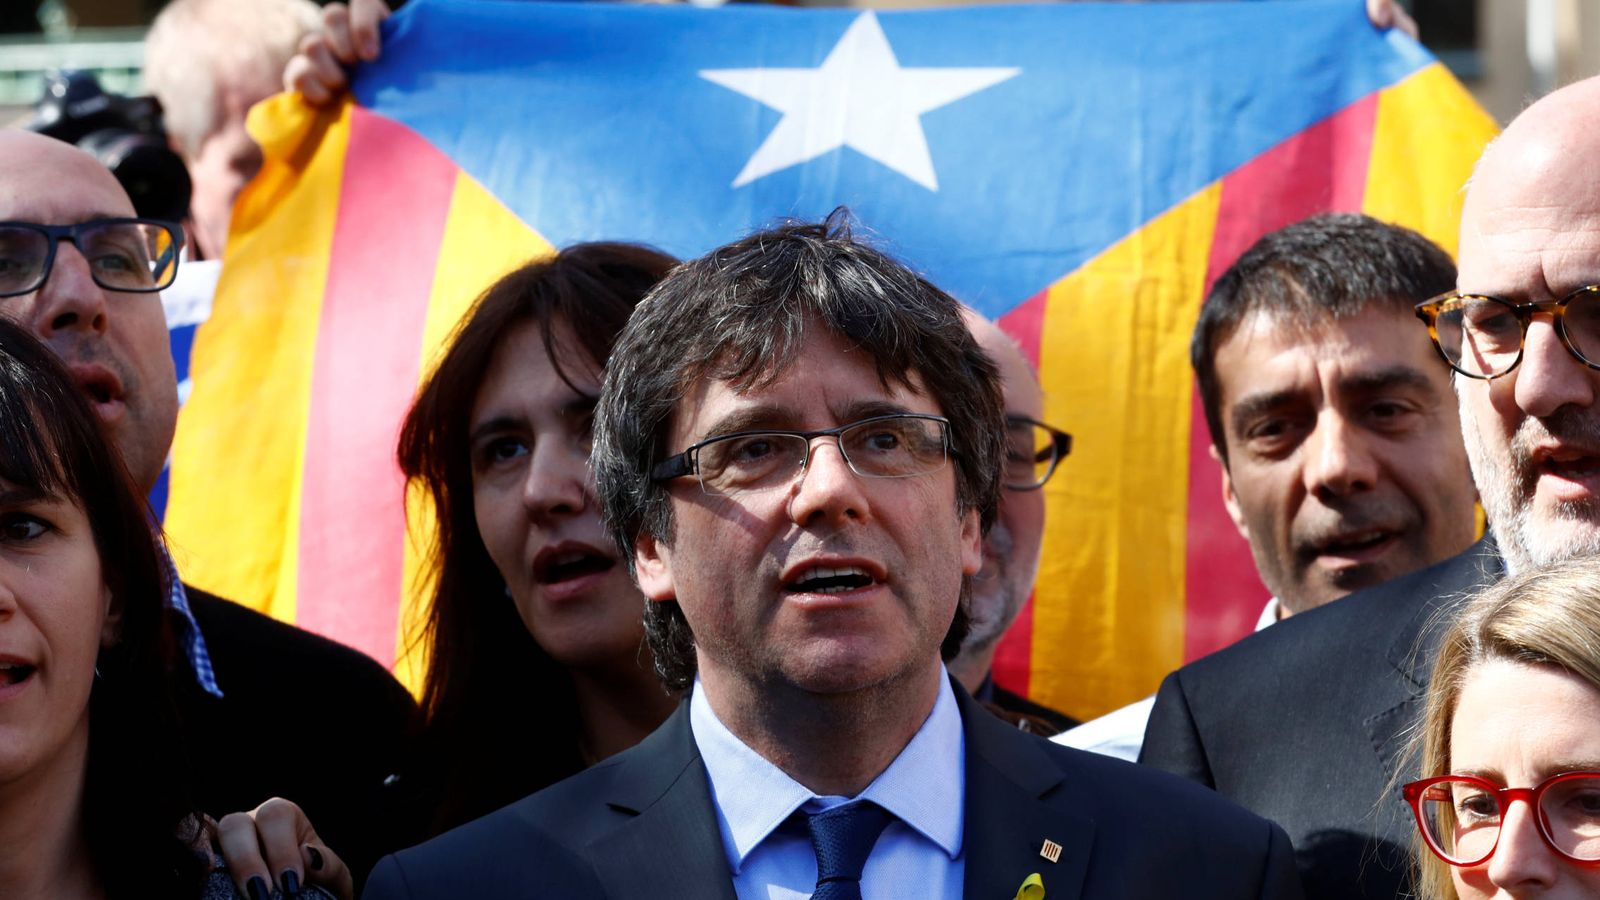 Foto: El 'expresident' Carles Puigdemont, durante una comparecencia de prensa en Berlín, el 7 de abril de 2018. (Reuters)